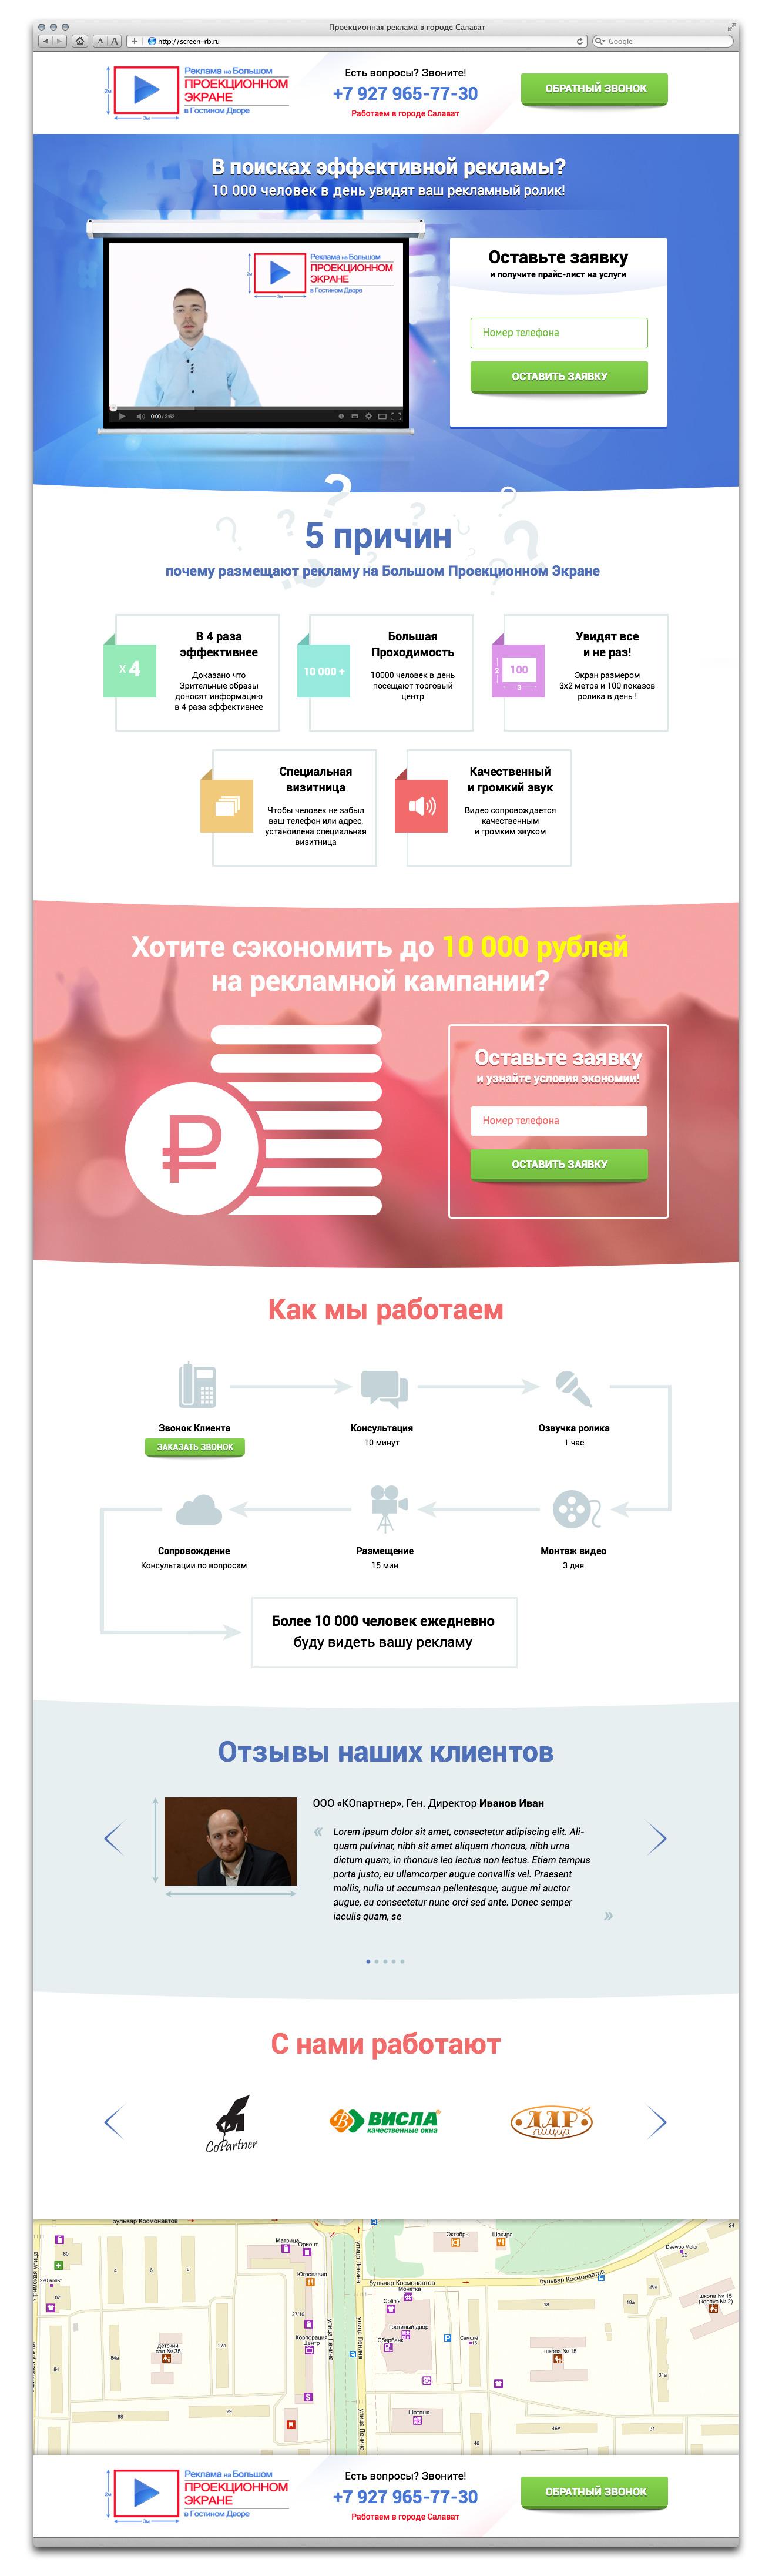 Лендинг. Проекционная реклама